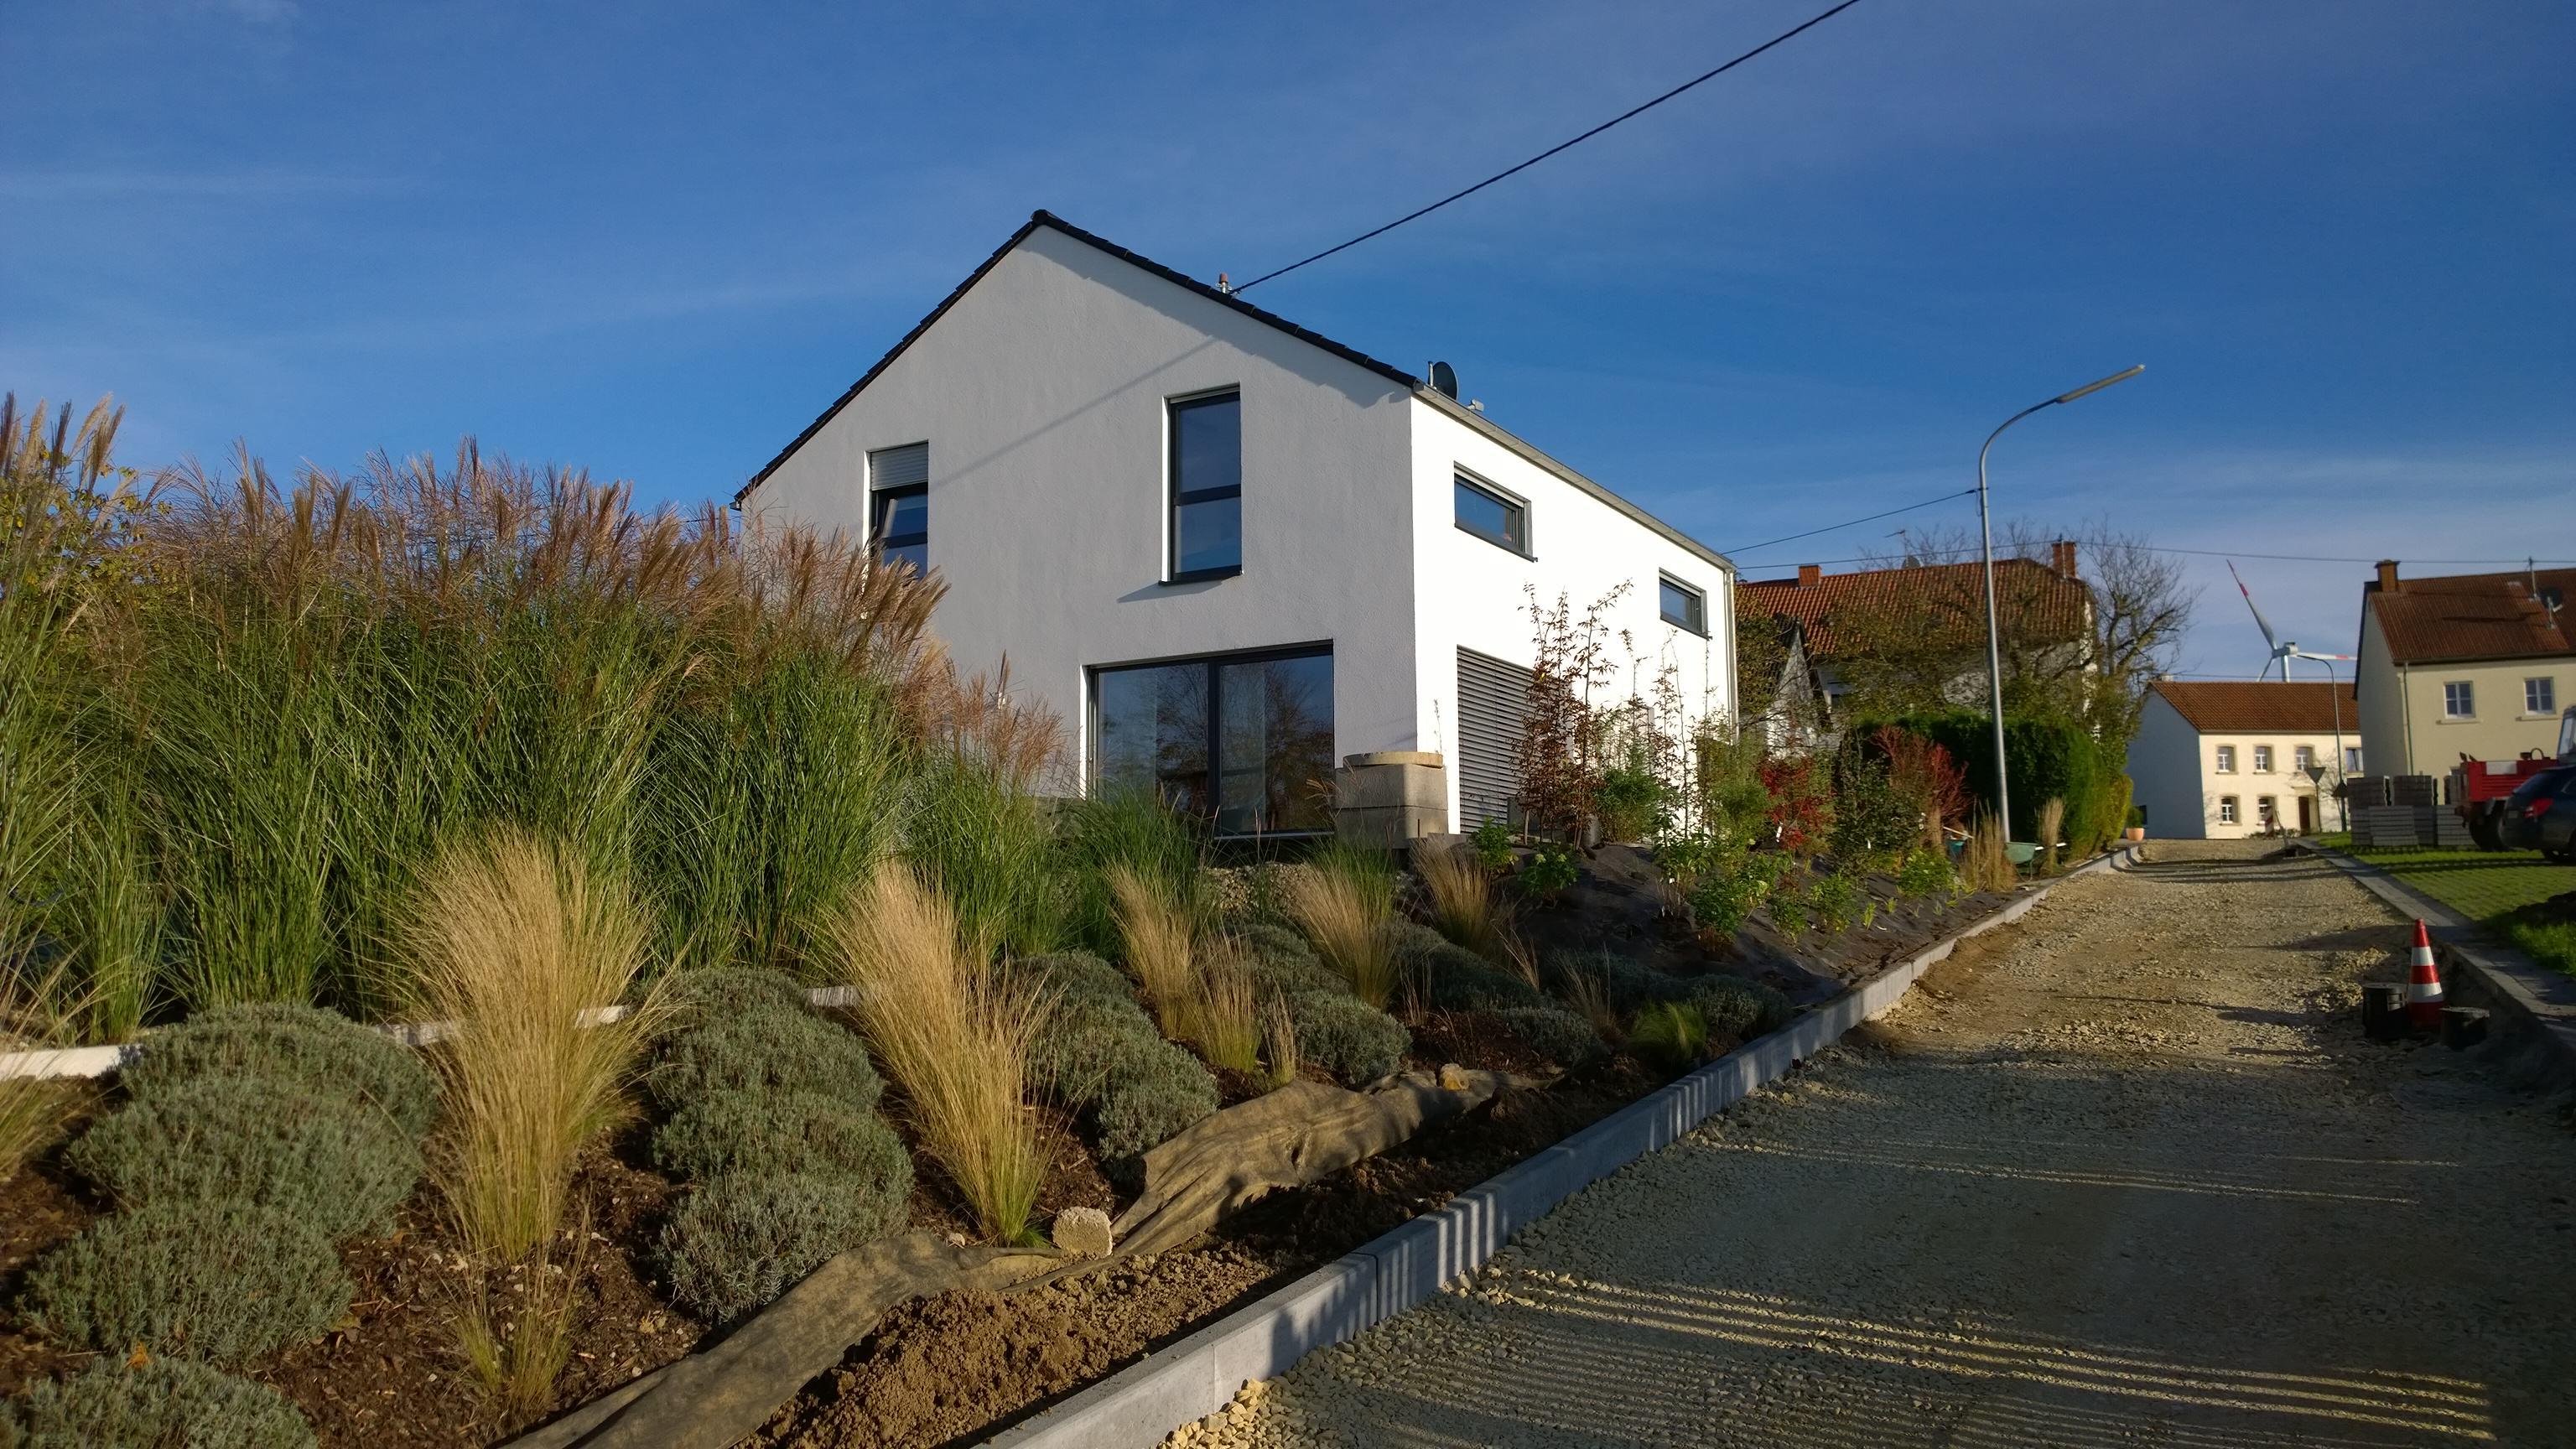 Moderner Sichtschutz im Garten Seite 2 von 4 News